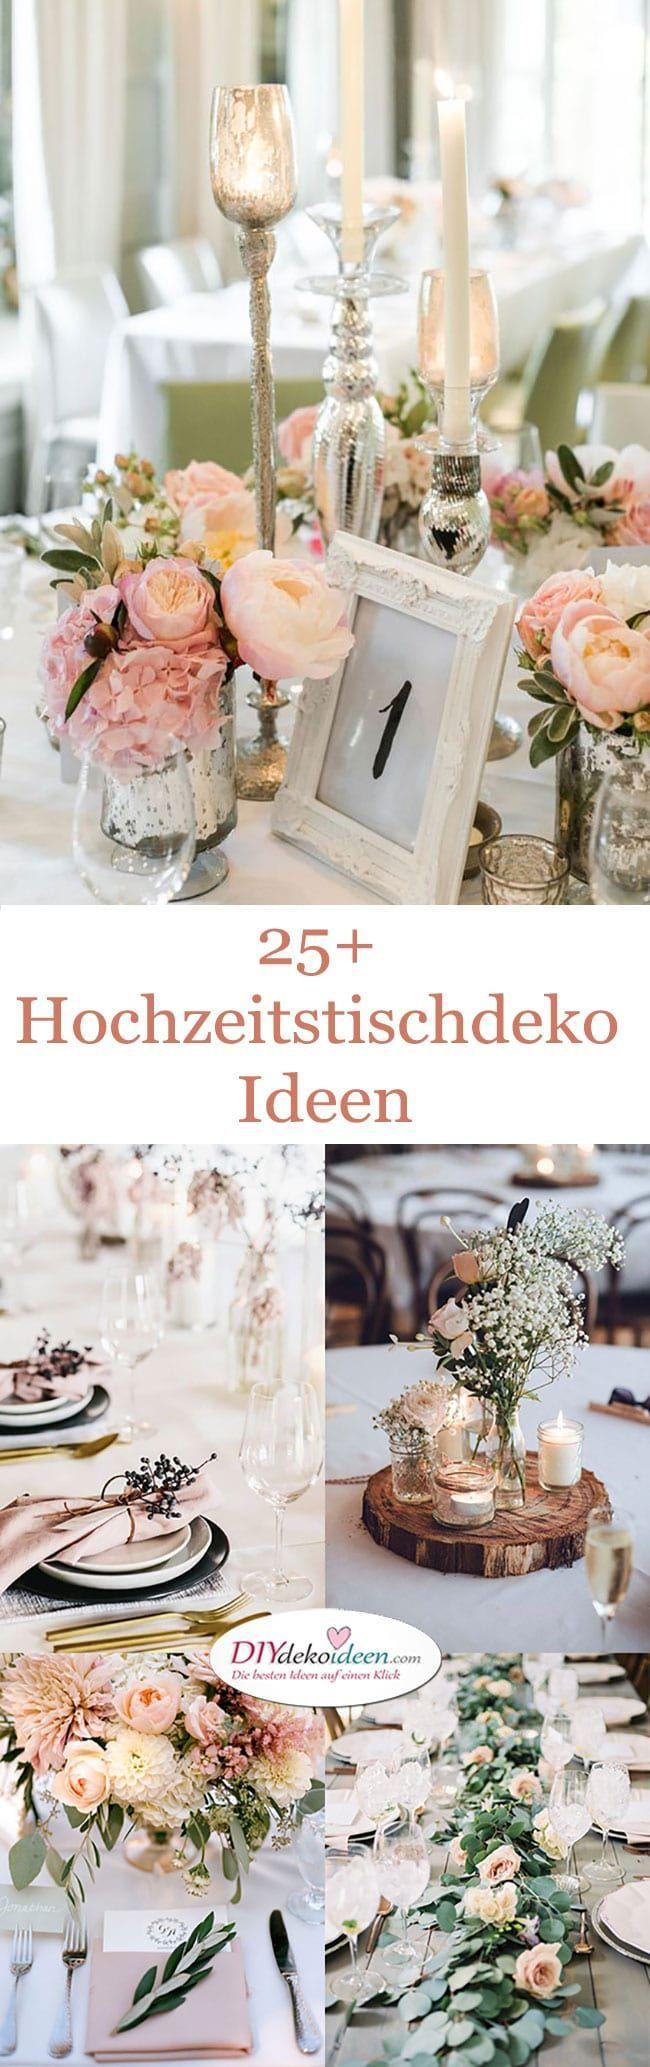 Diy wedding table decorations ideas  Wedding table decoration ideas for your wedding planning  Diy